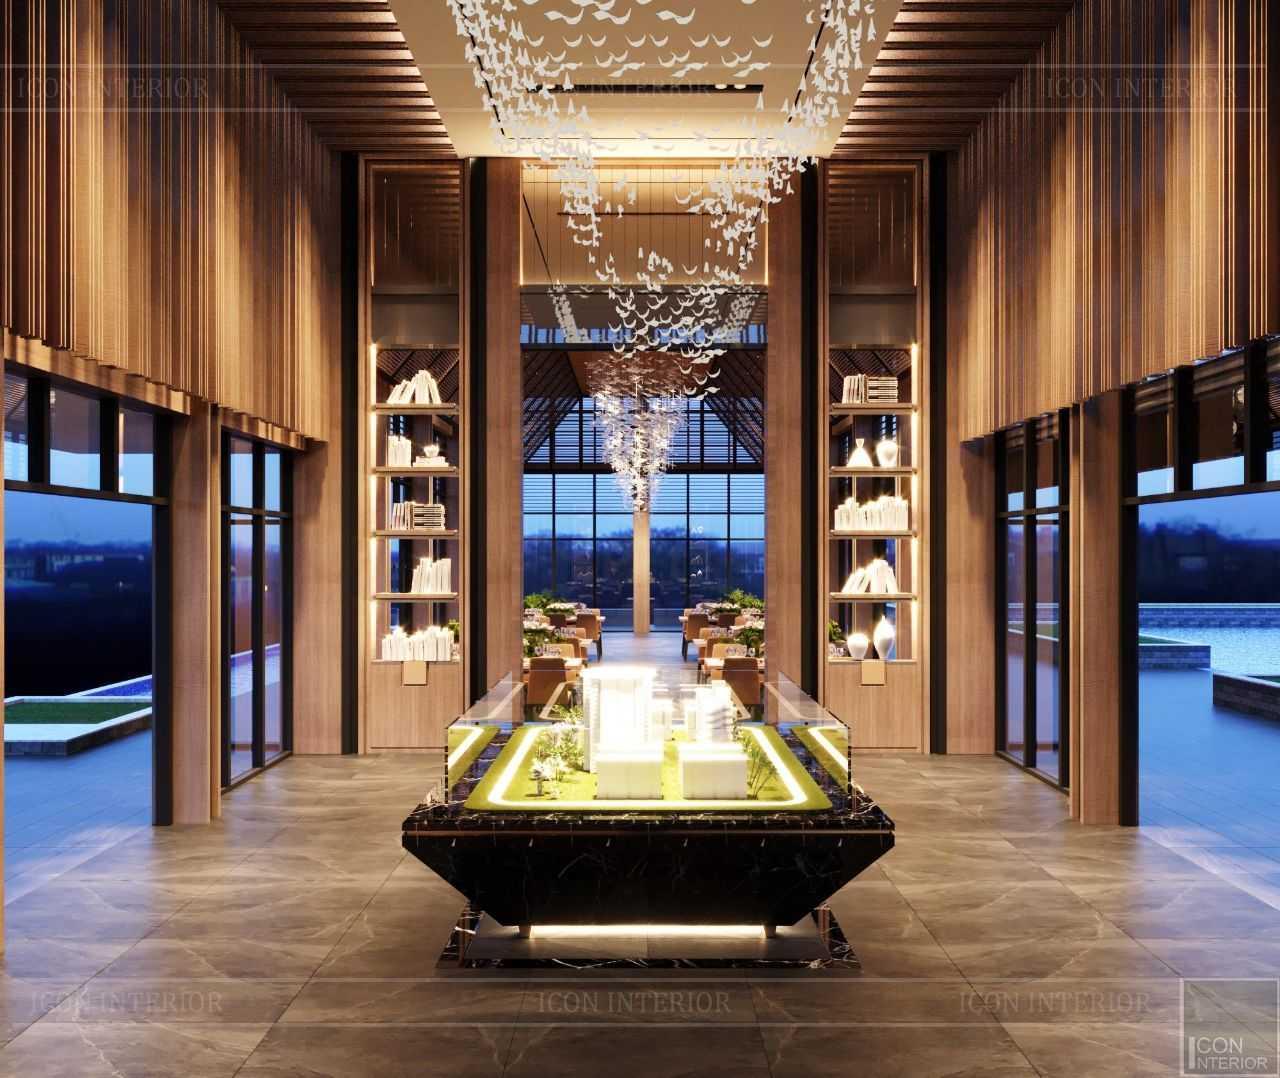 thiết kế nội thất nhà hàng ẩm thực club house